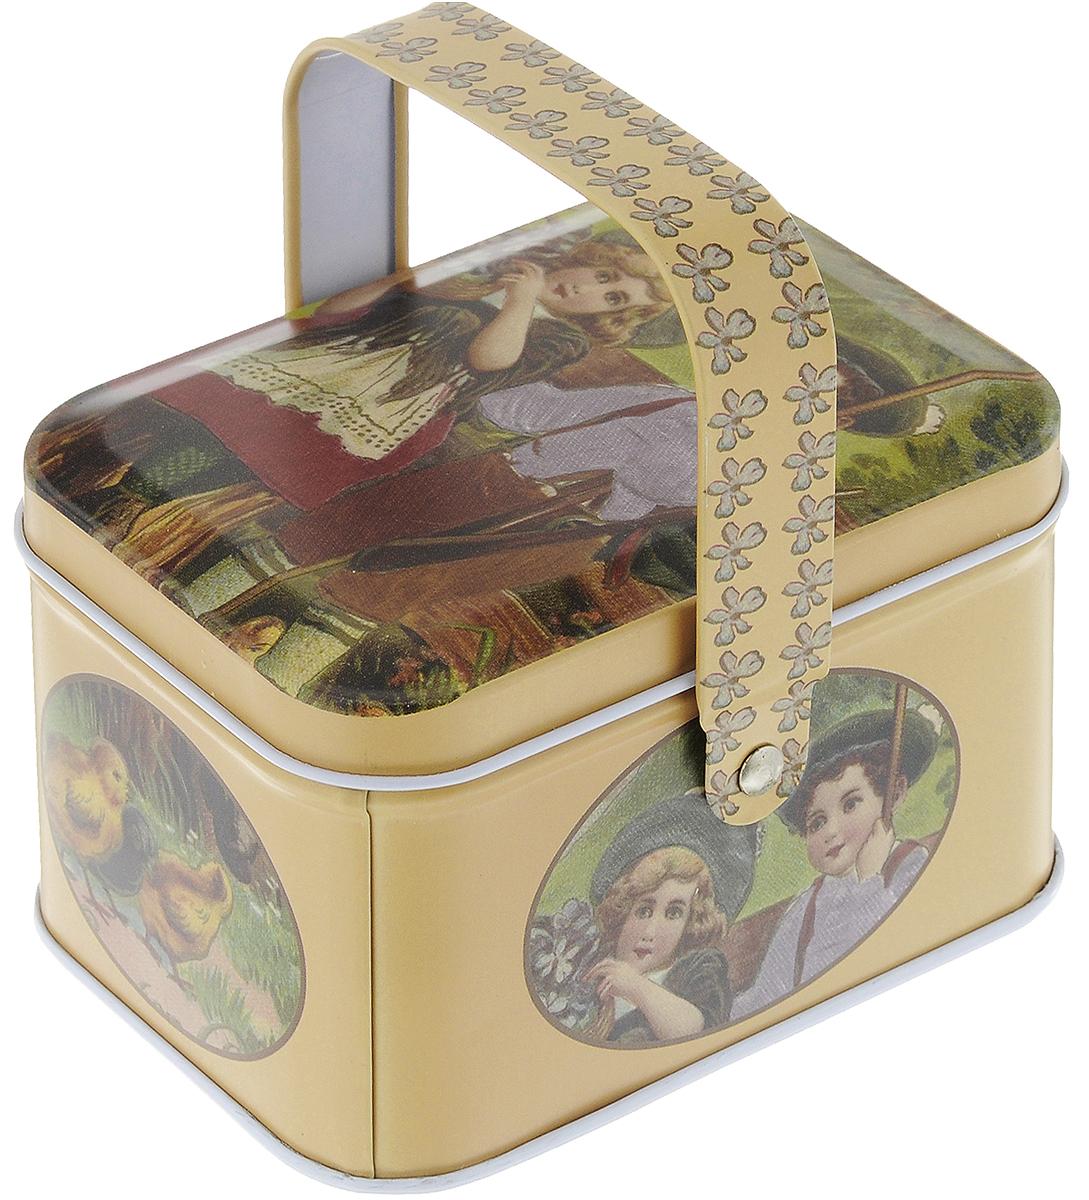 Коробка для хранения мелочей Hobby & Pro, 10,5 х 8 х 6,2 см. 7712762/941001VN-CB-MКоробка для хранения мелочей Hobby & Pro, выполненная из металла, станет практичным решением для хранения швейных принадлежностей. Внешняя поверхность оформлена красивым рисунком. Внутри - одно отделение. Такая оригинальная коробка подойдет для хранения разных предметов рукоделия: ниток, иголок, бусин, кнопок и многого другого. Для переноски имеется удобная ручка.Размер коробки (без учета ручки): 10,5 х 8 х 6,2 см.Высота коробки (с учетом ручки): 10 см.